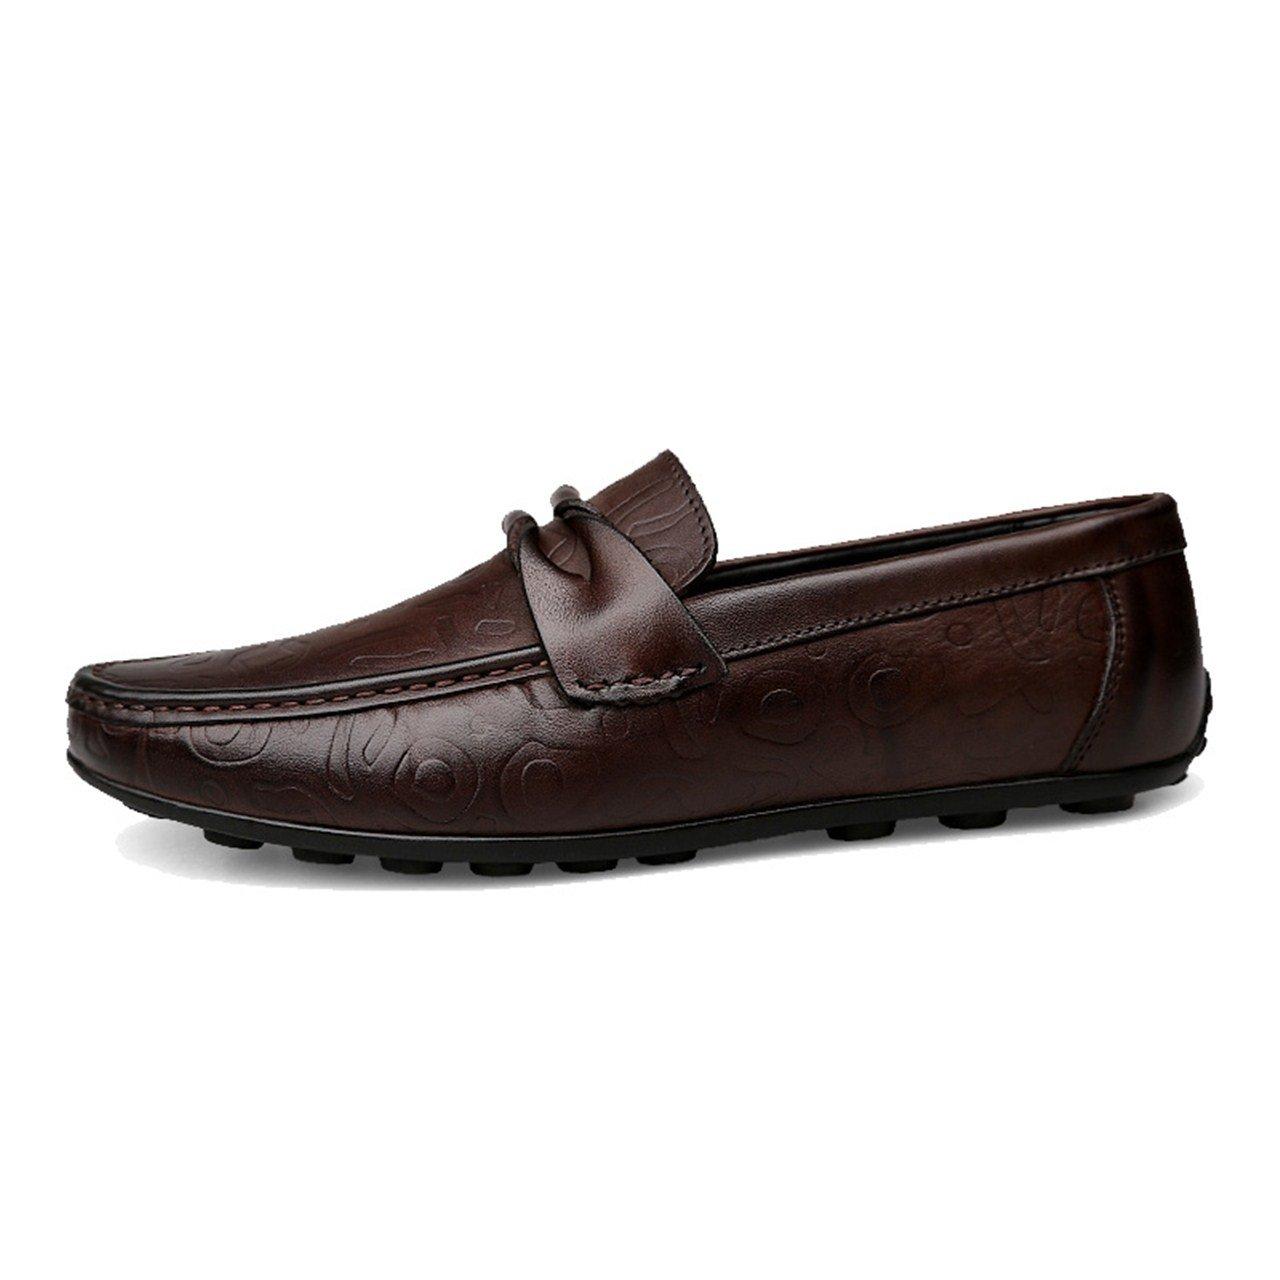 TRULAND Mocasines Elegantes para Hombre en Cuero Genuino: Amazon.es: Zapatos y complementos